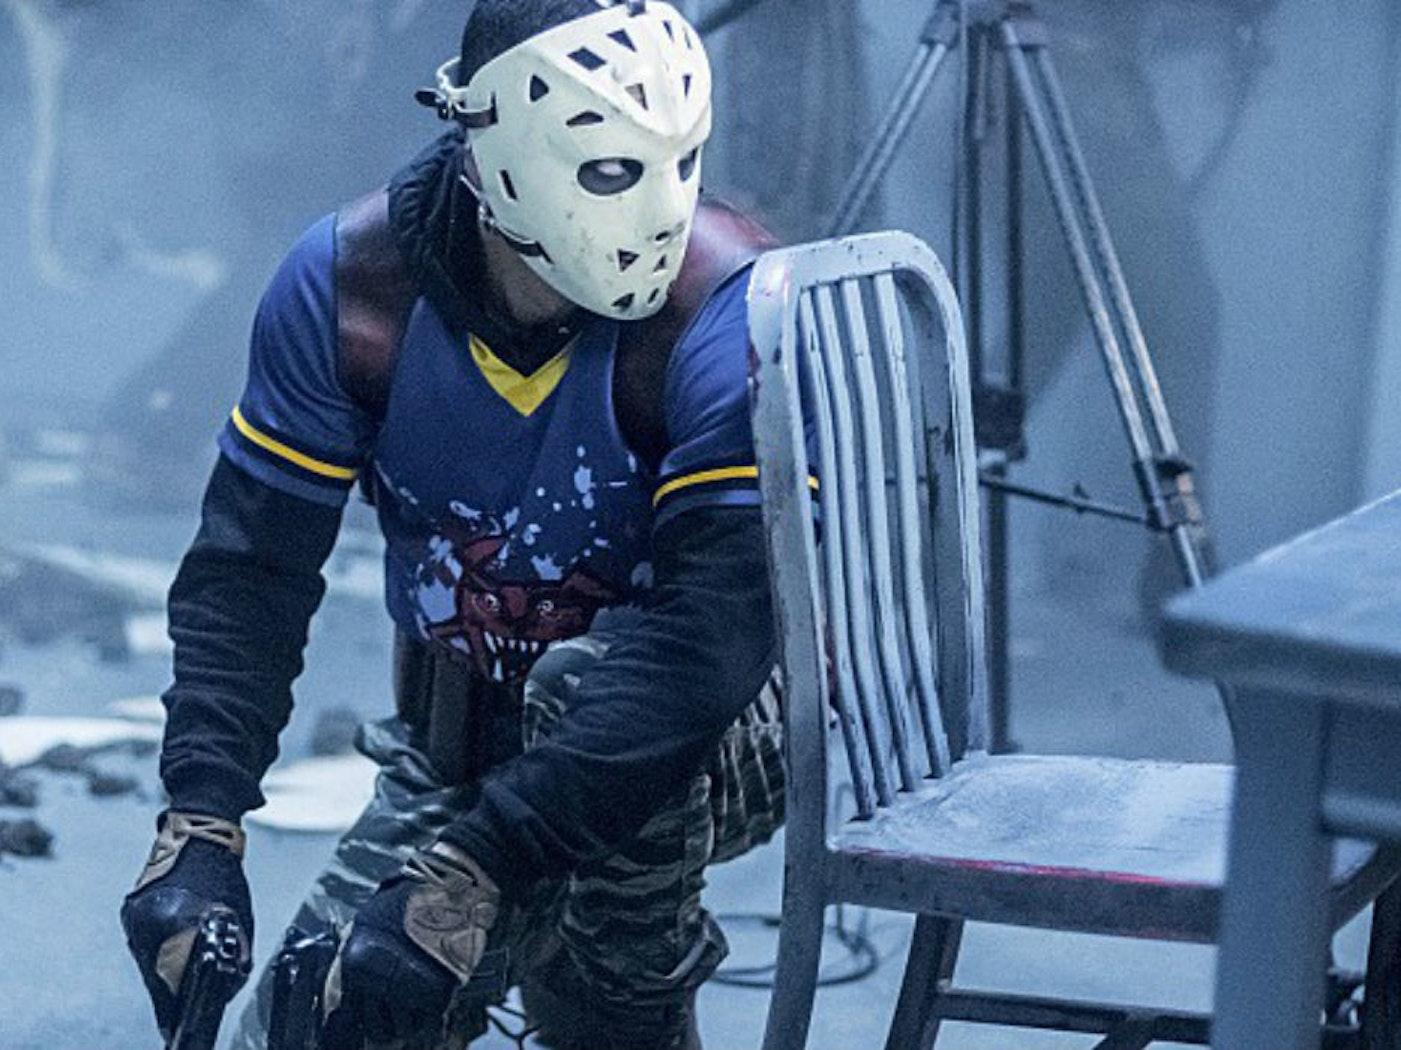 Rick Gonzalez as Wild Dog, aka Rene Ramirez, on 'Arrow'